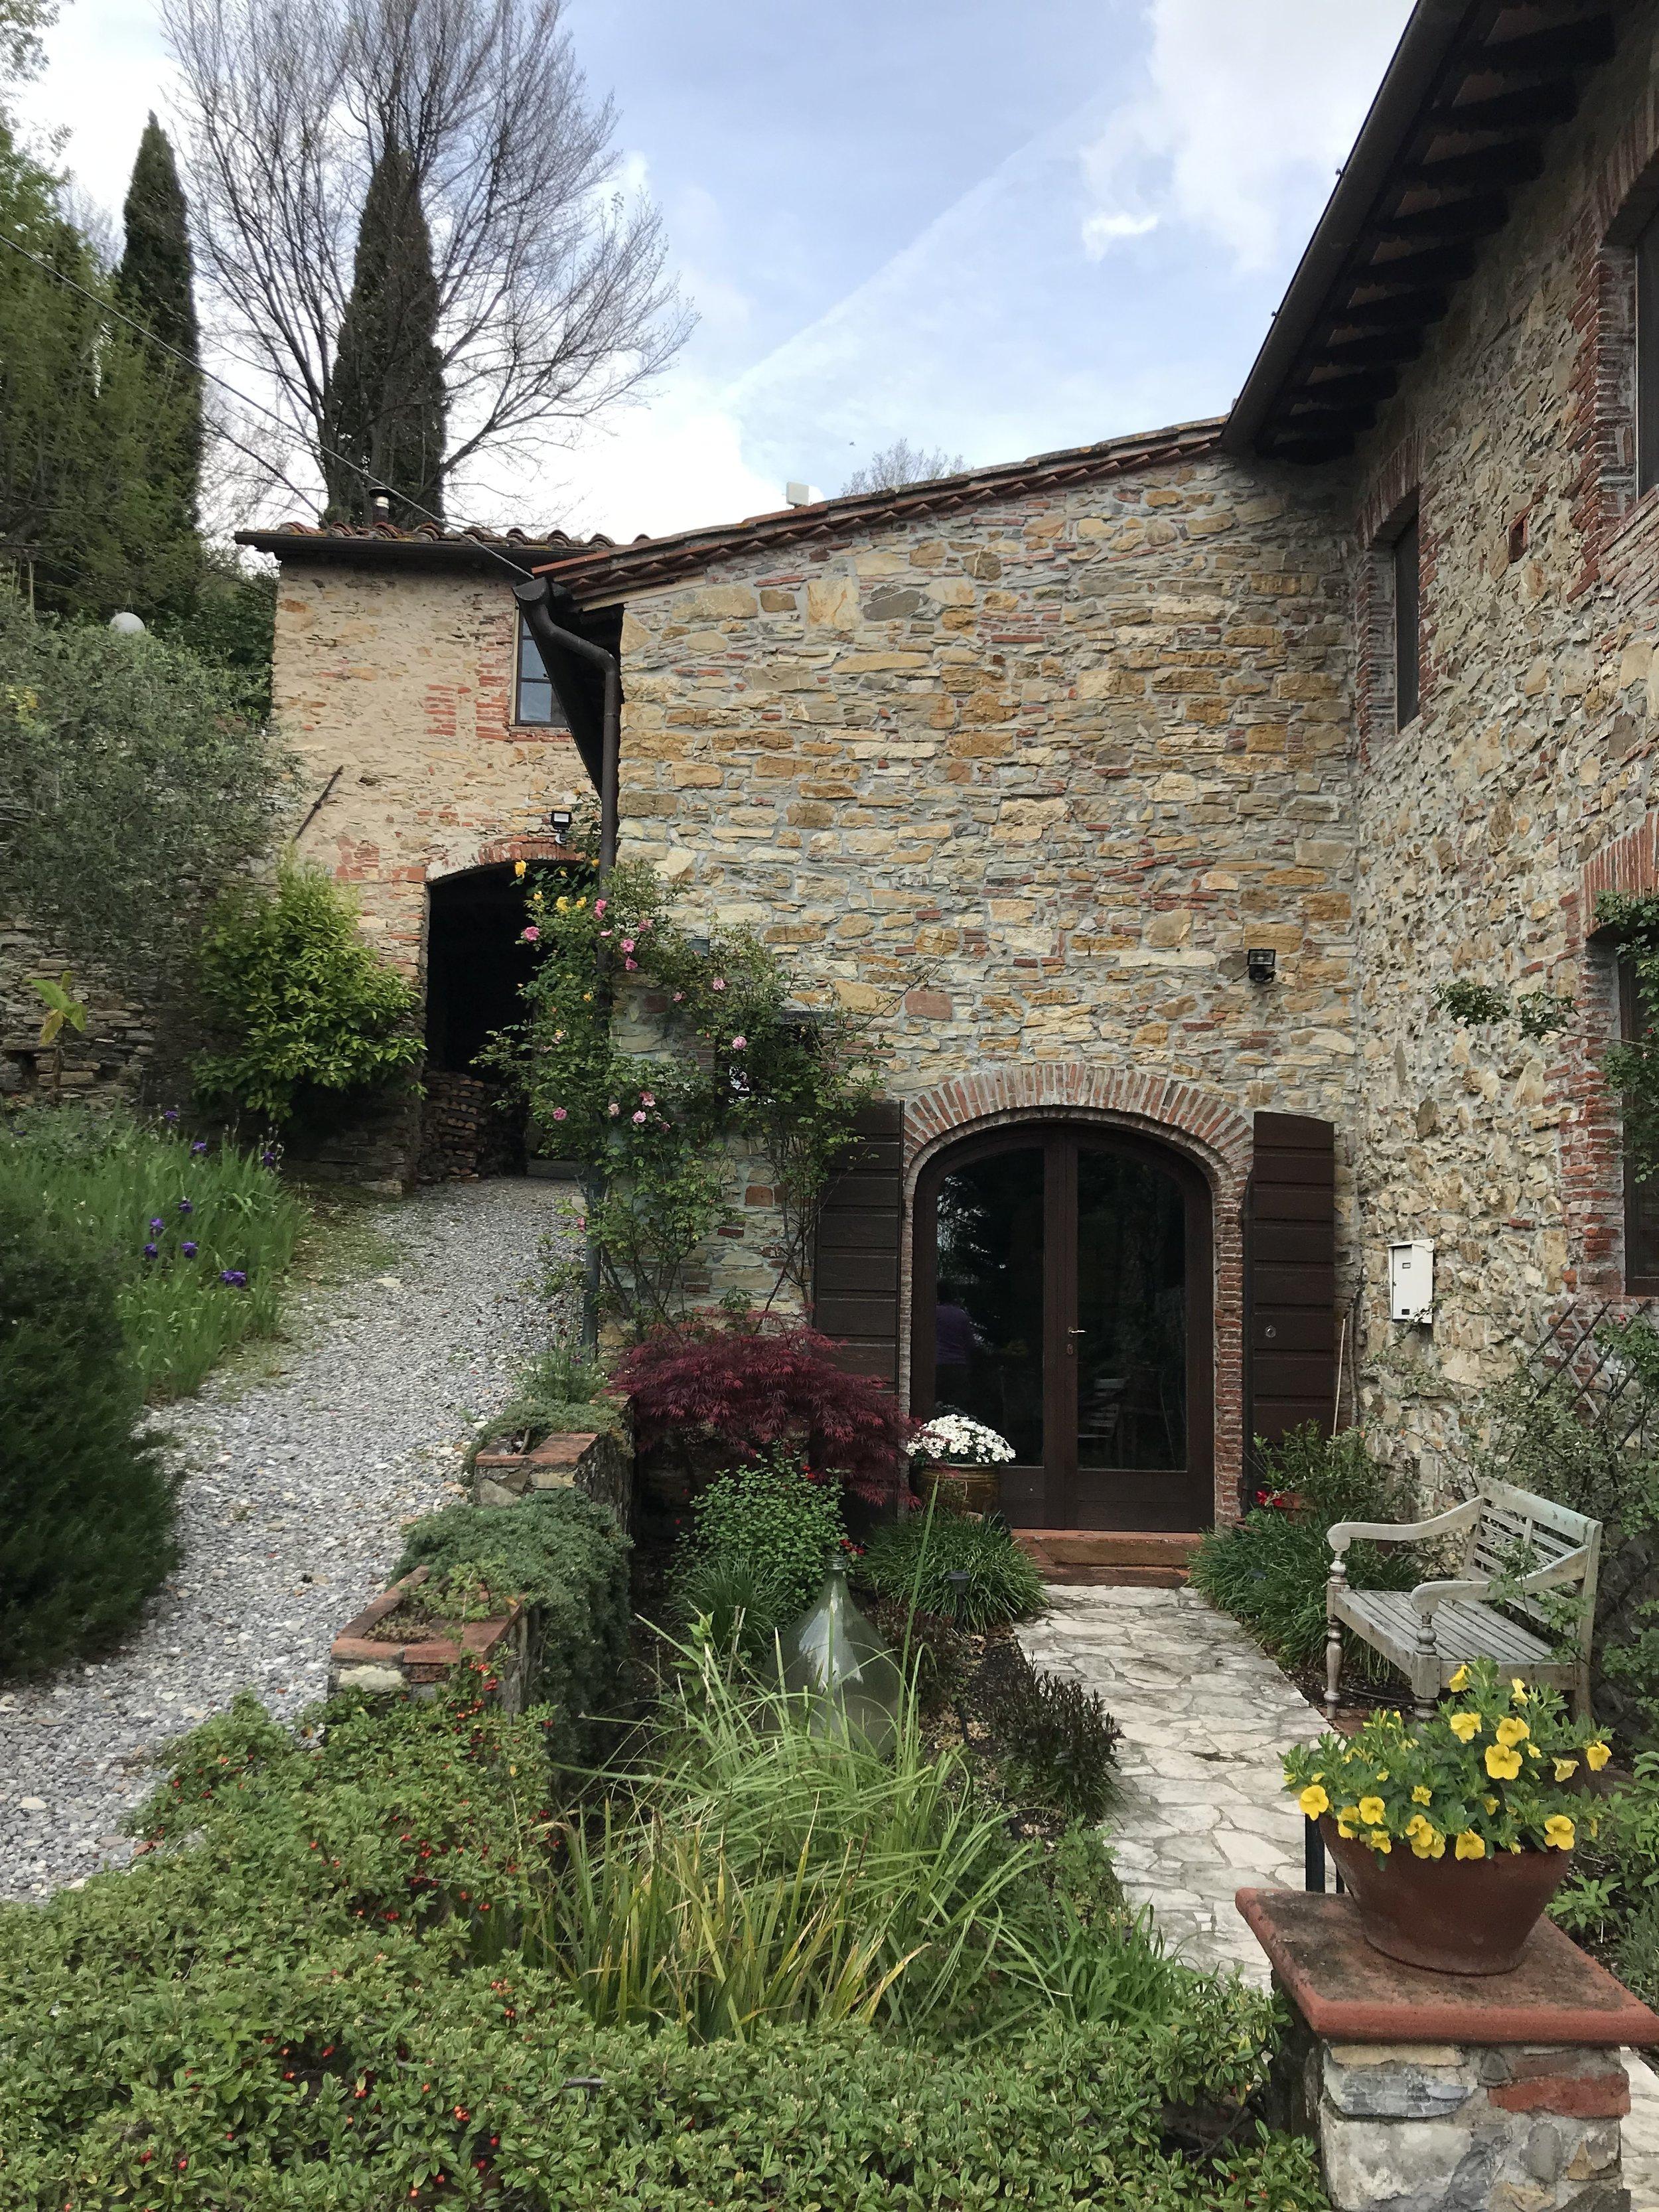 The entrance to Casa Fiori